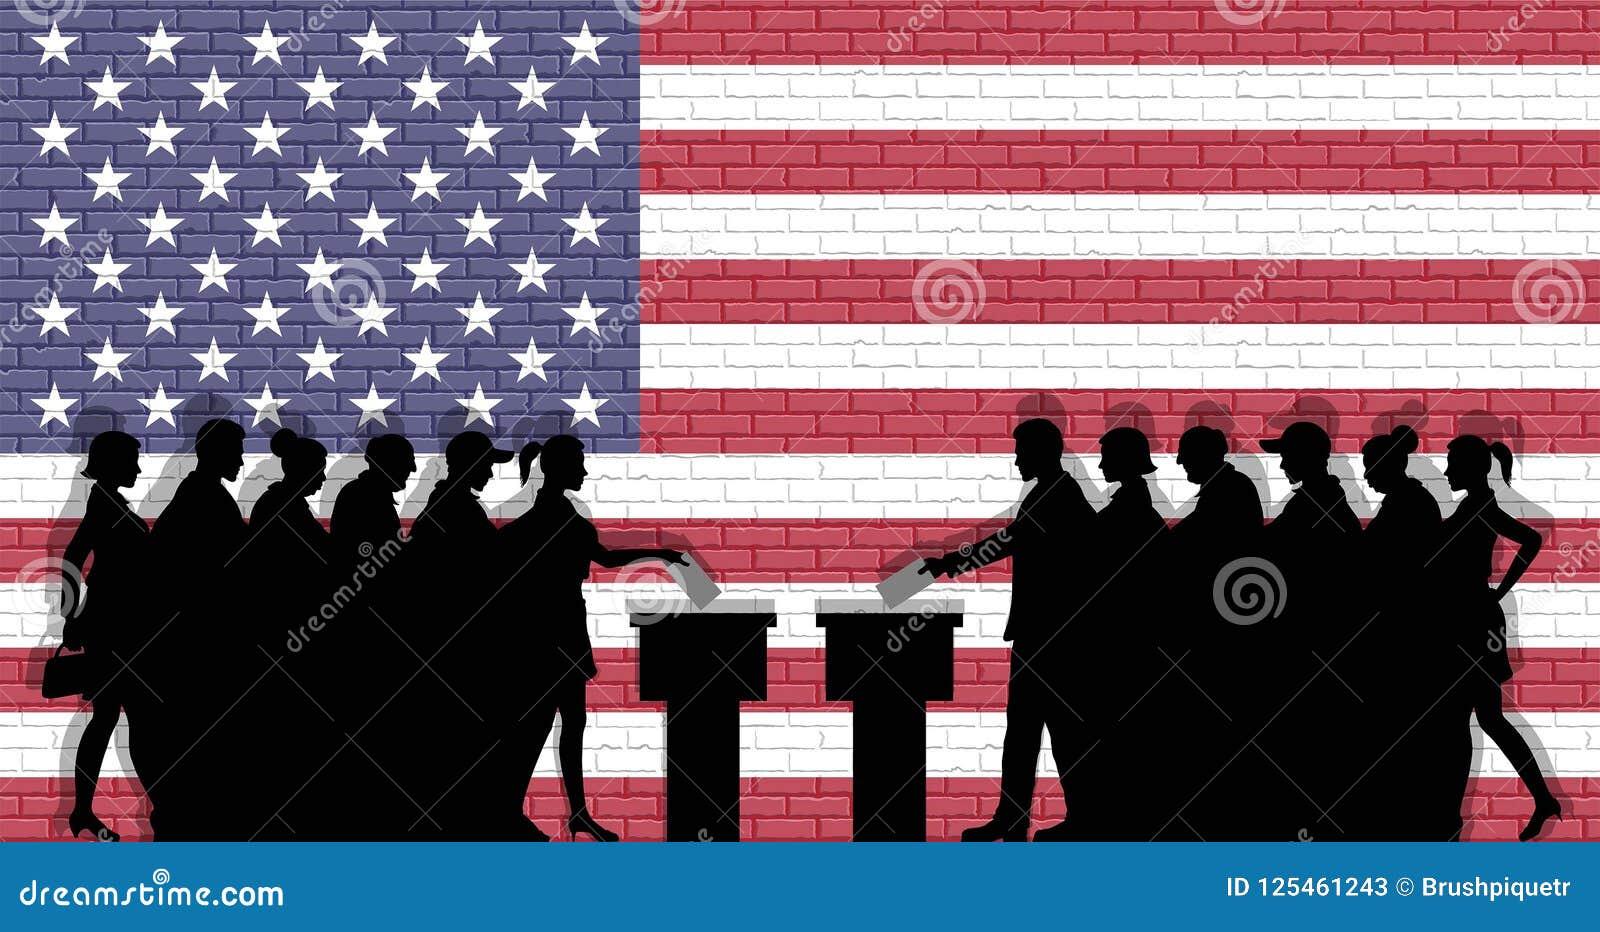 Amerikanische Wähler drängen Schattenbild in der Wahl mit USA-Flagge graff